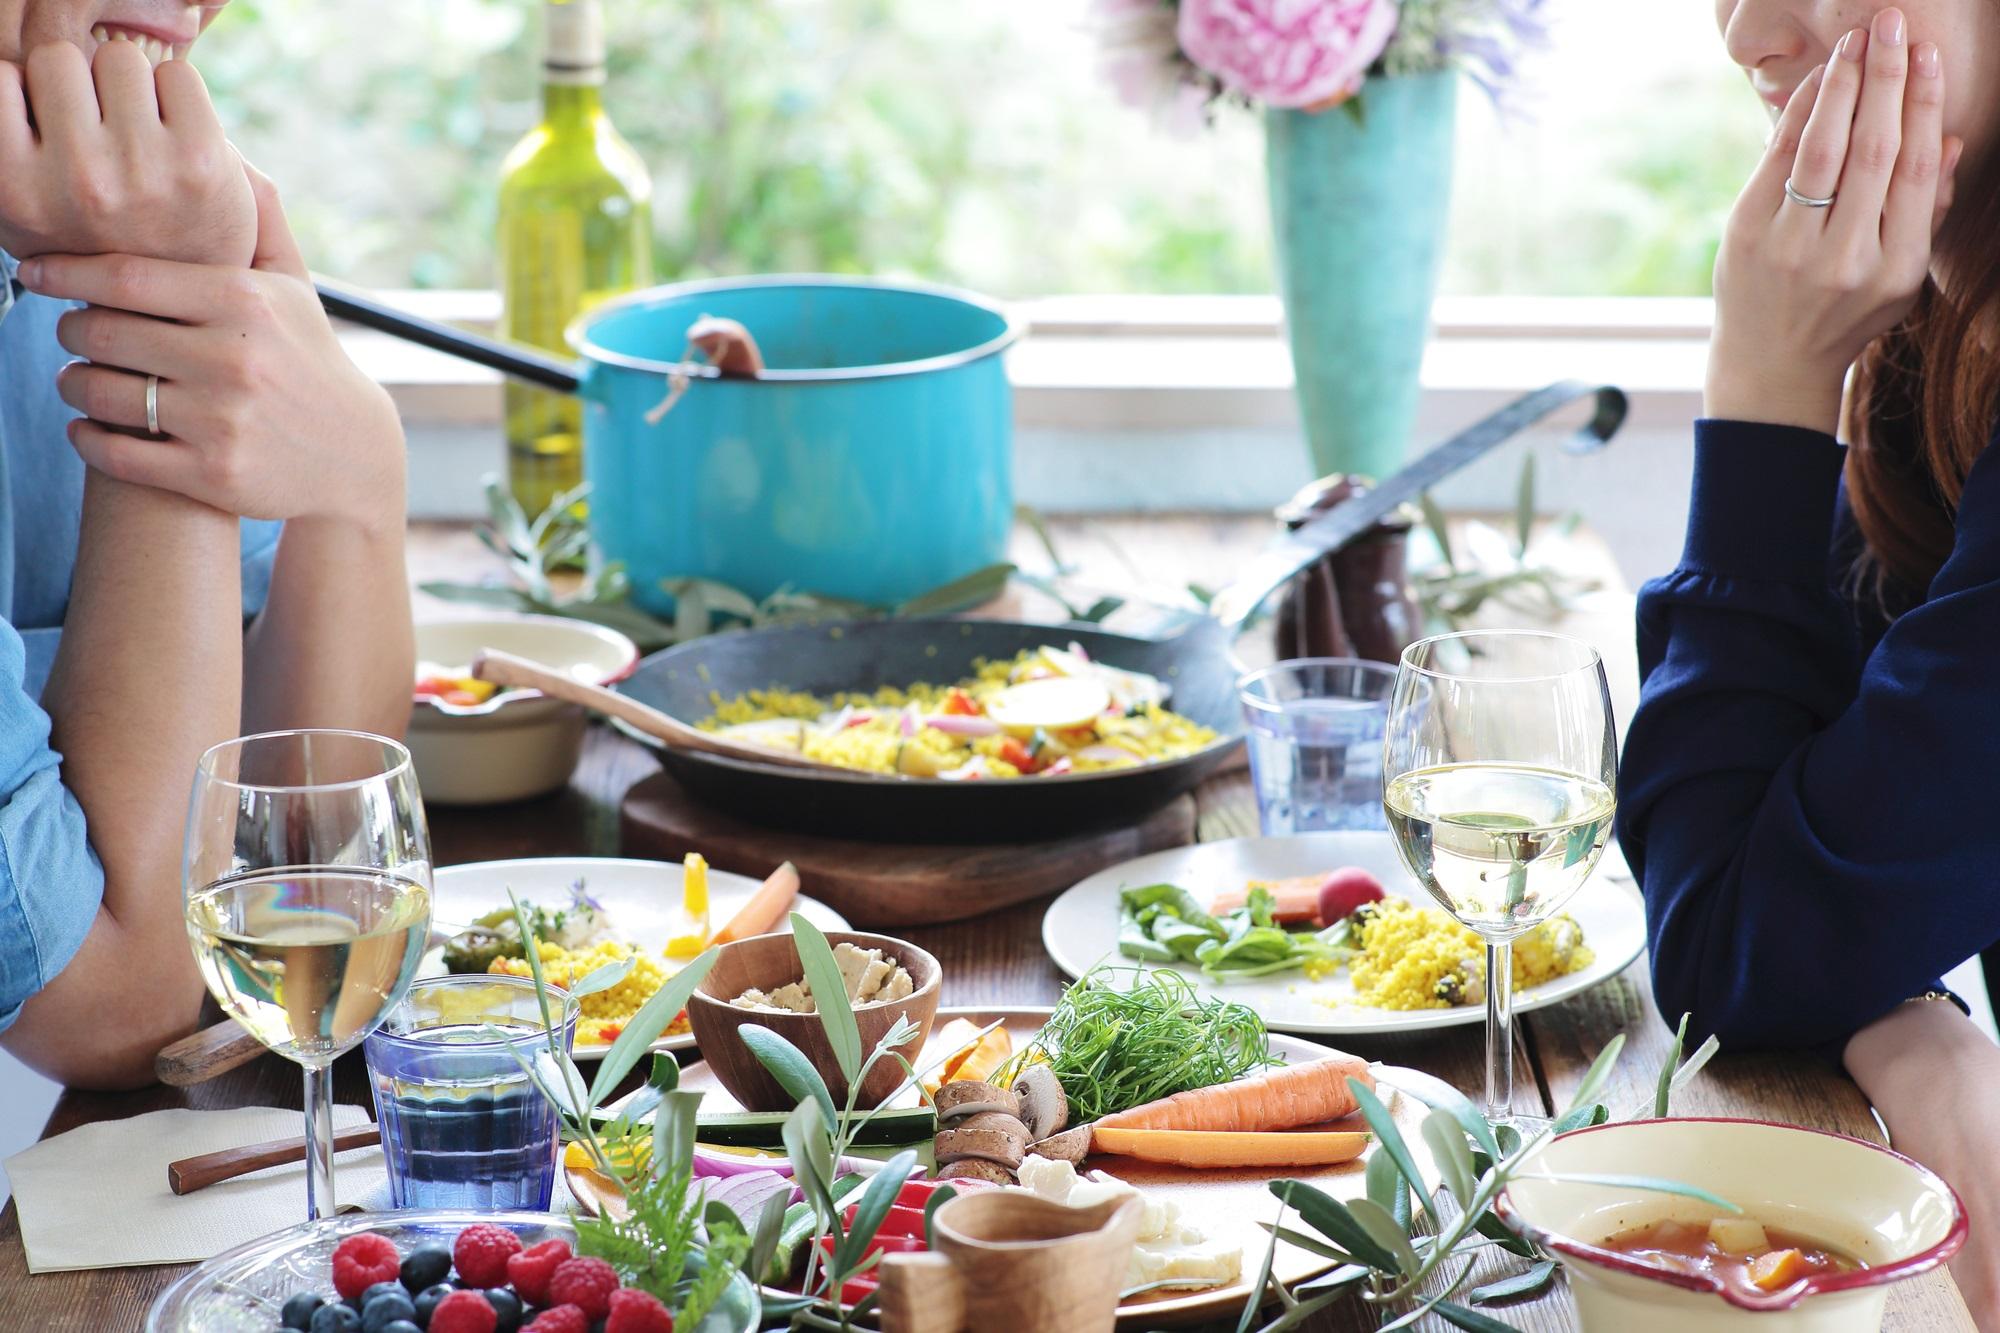 食事は家族の絆づくりにも大切!夫婦一緒の食事はしている?